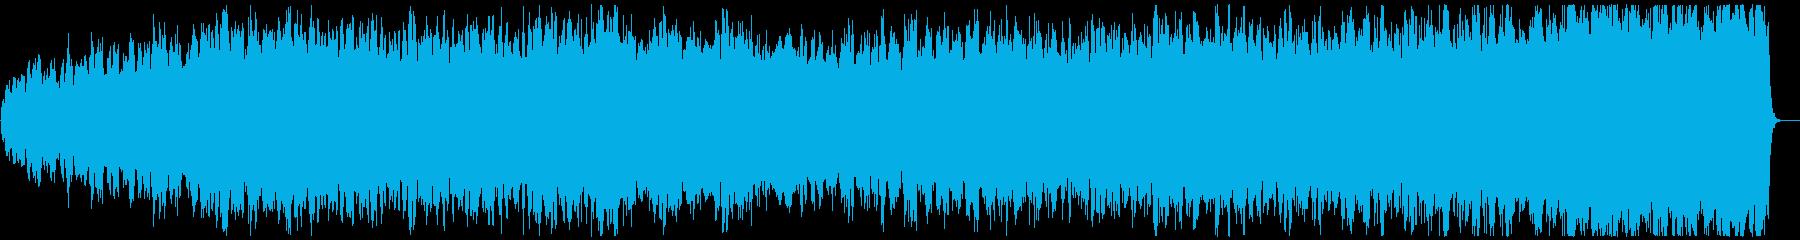 ストリングスによるパッヘルベルのカノンの再生済みの波形